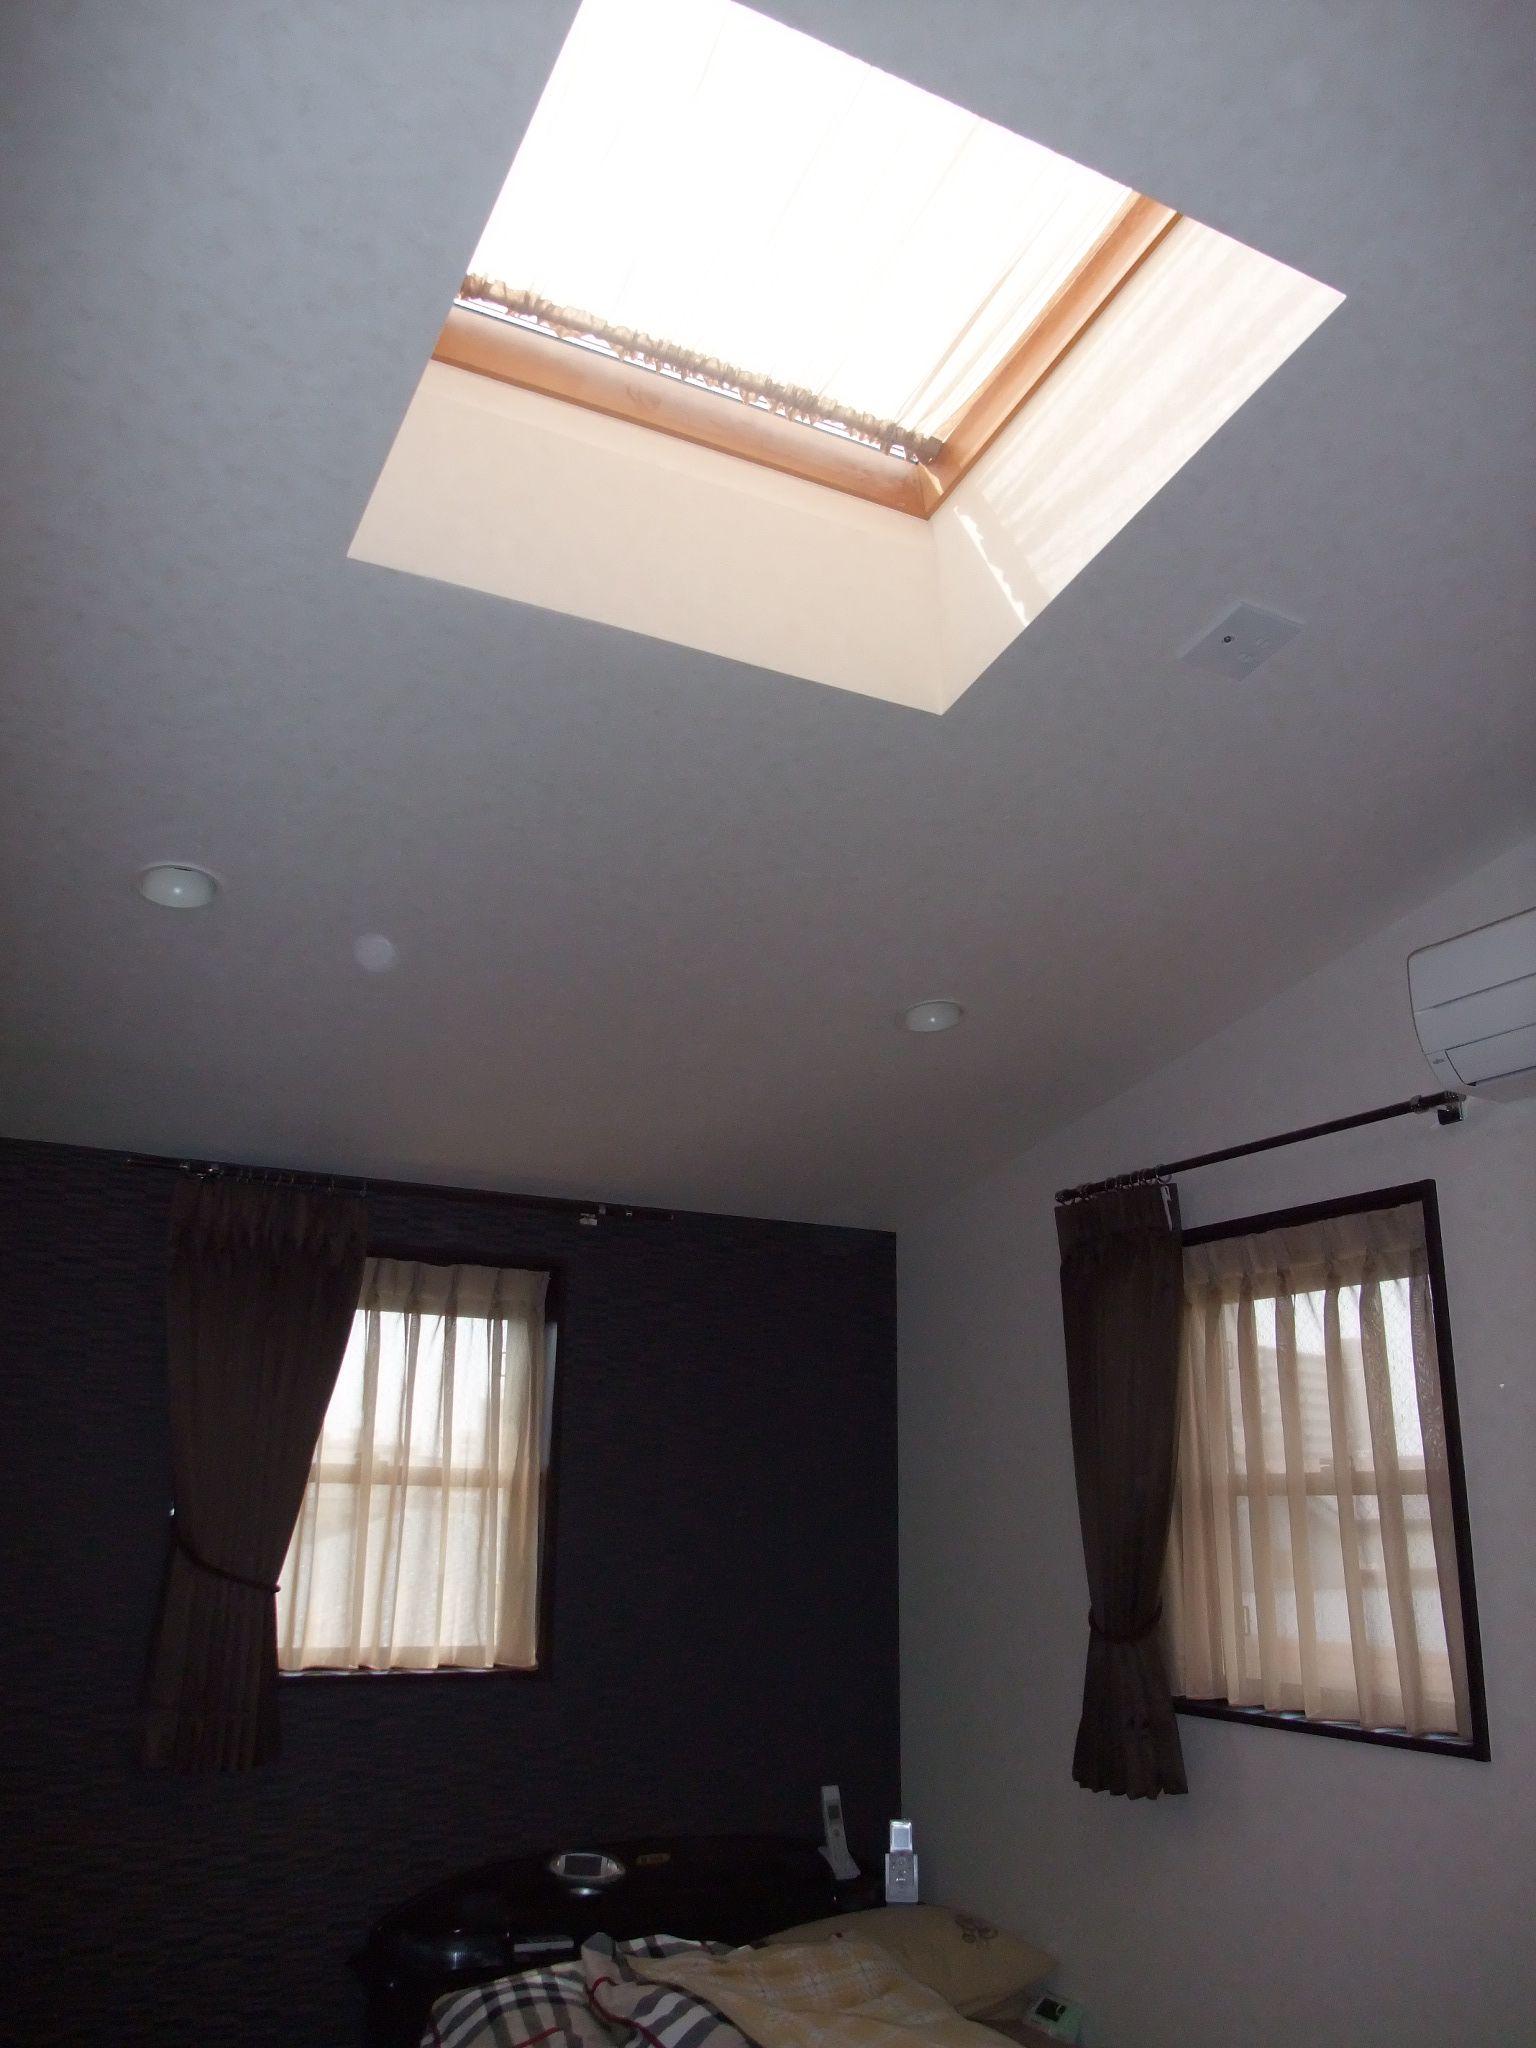 天窓 カーテン でお部屋をデザイン デコ の Happy インテリア 天窓 カーテン 天窓 天窓 ブラインド